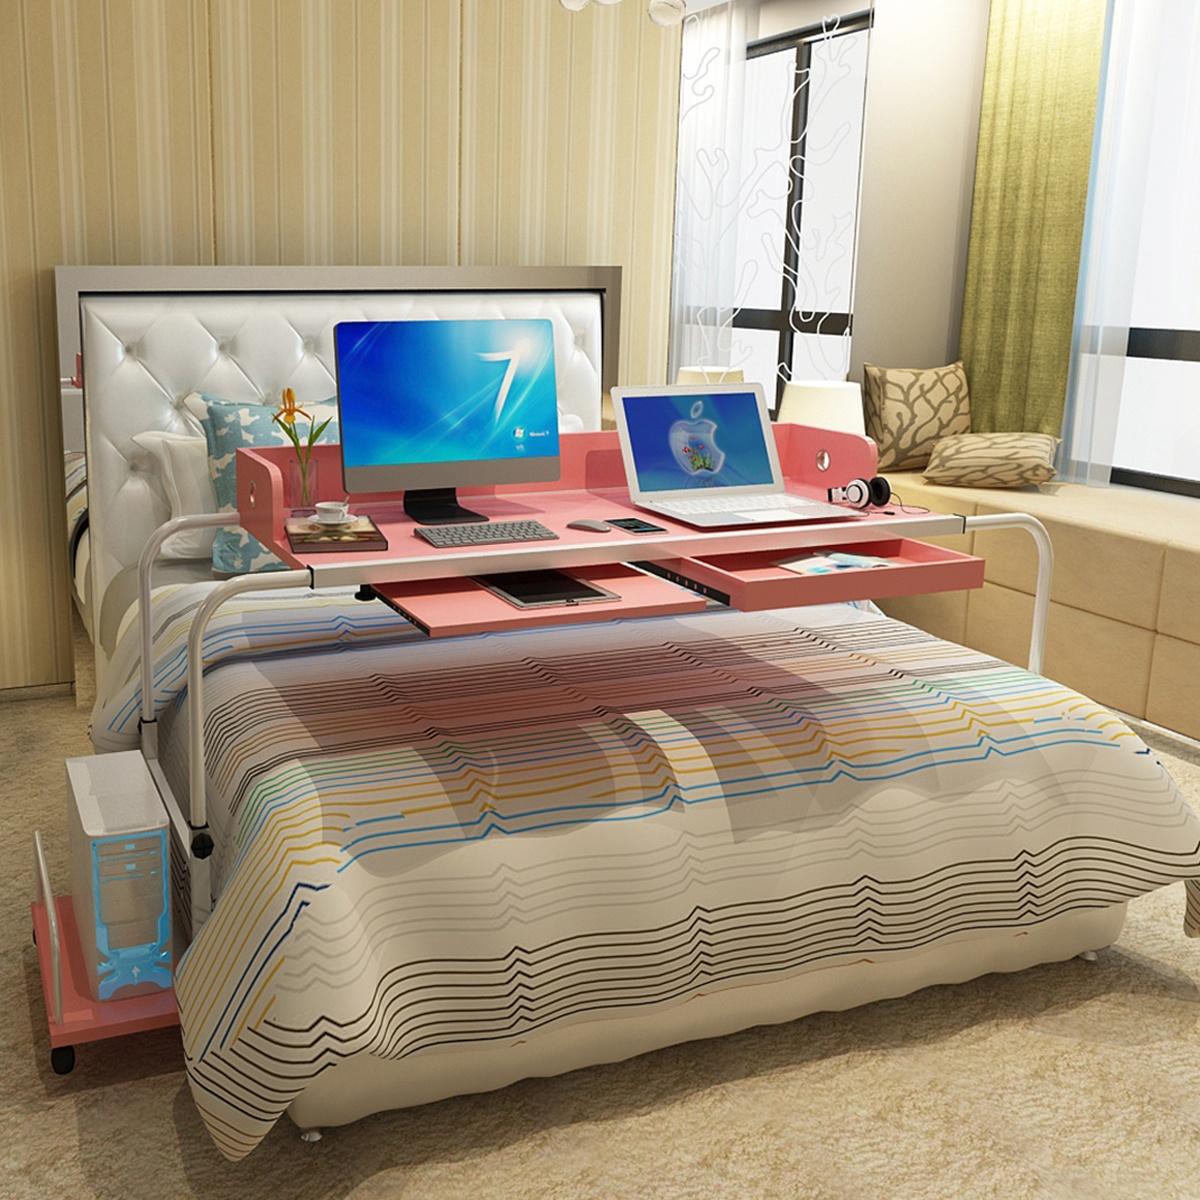 诺译双人伸缩床上可移动升降笔记本台式电脑桌家用懒人跨床小桌子